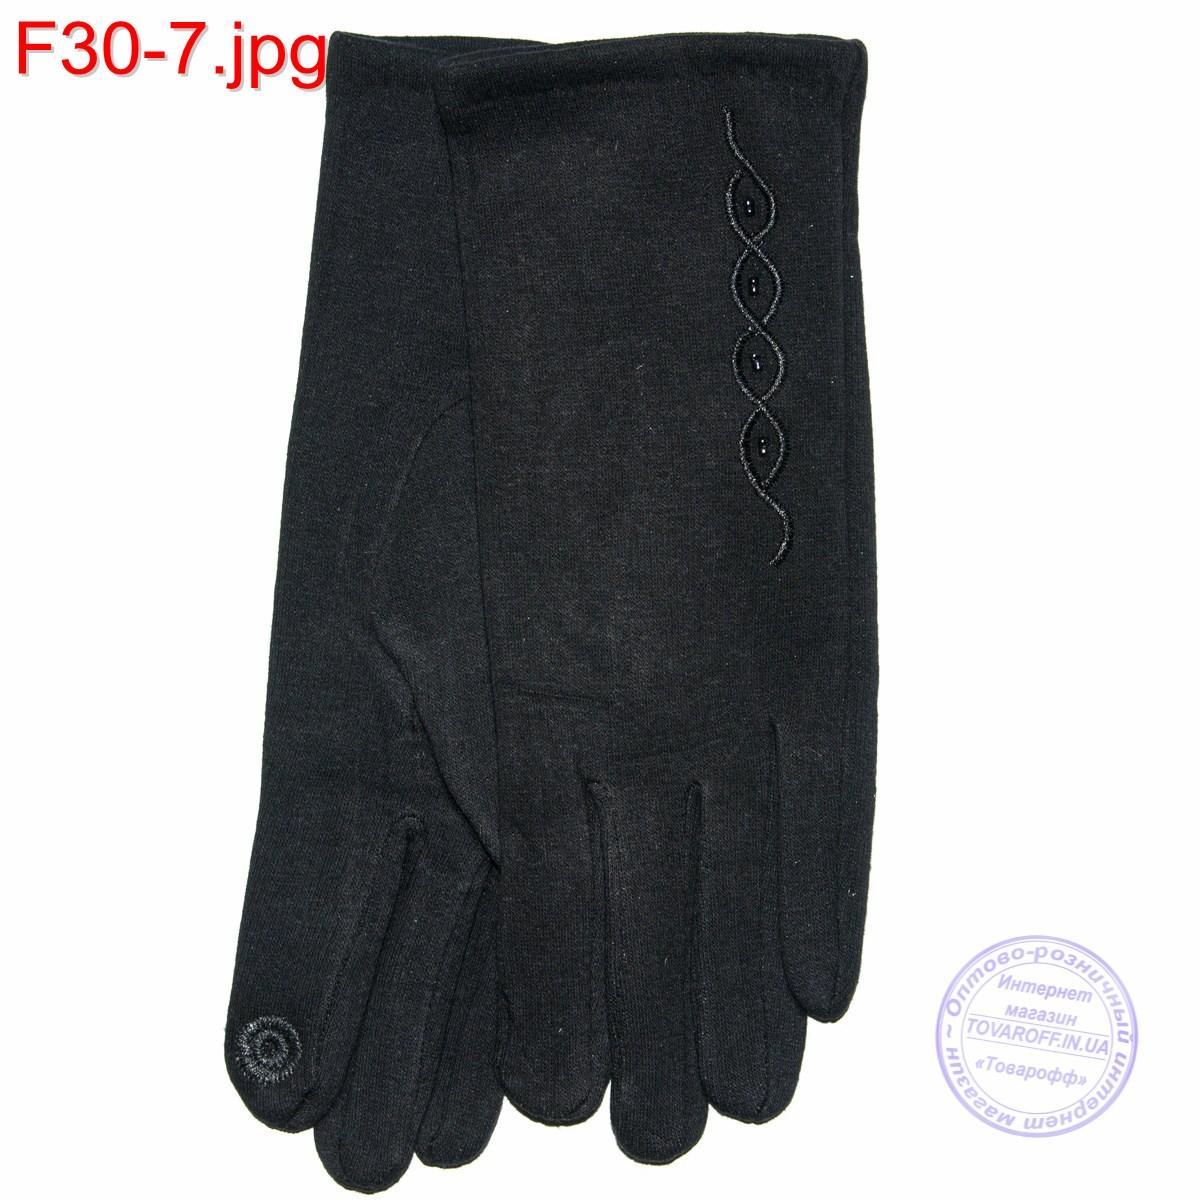 Оптом женские трикотажные стрейчевые перчатки для сенсорных телефонов - F30-7